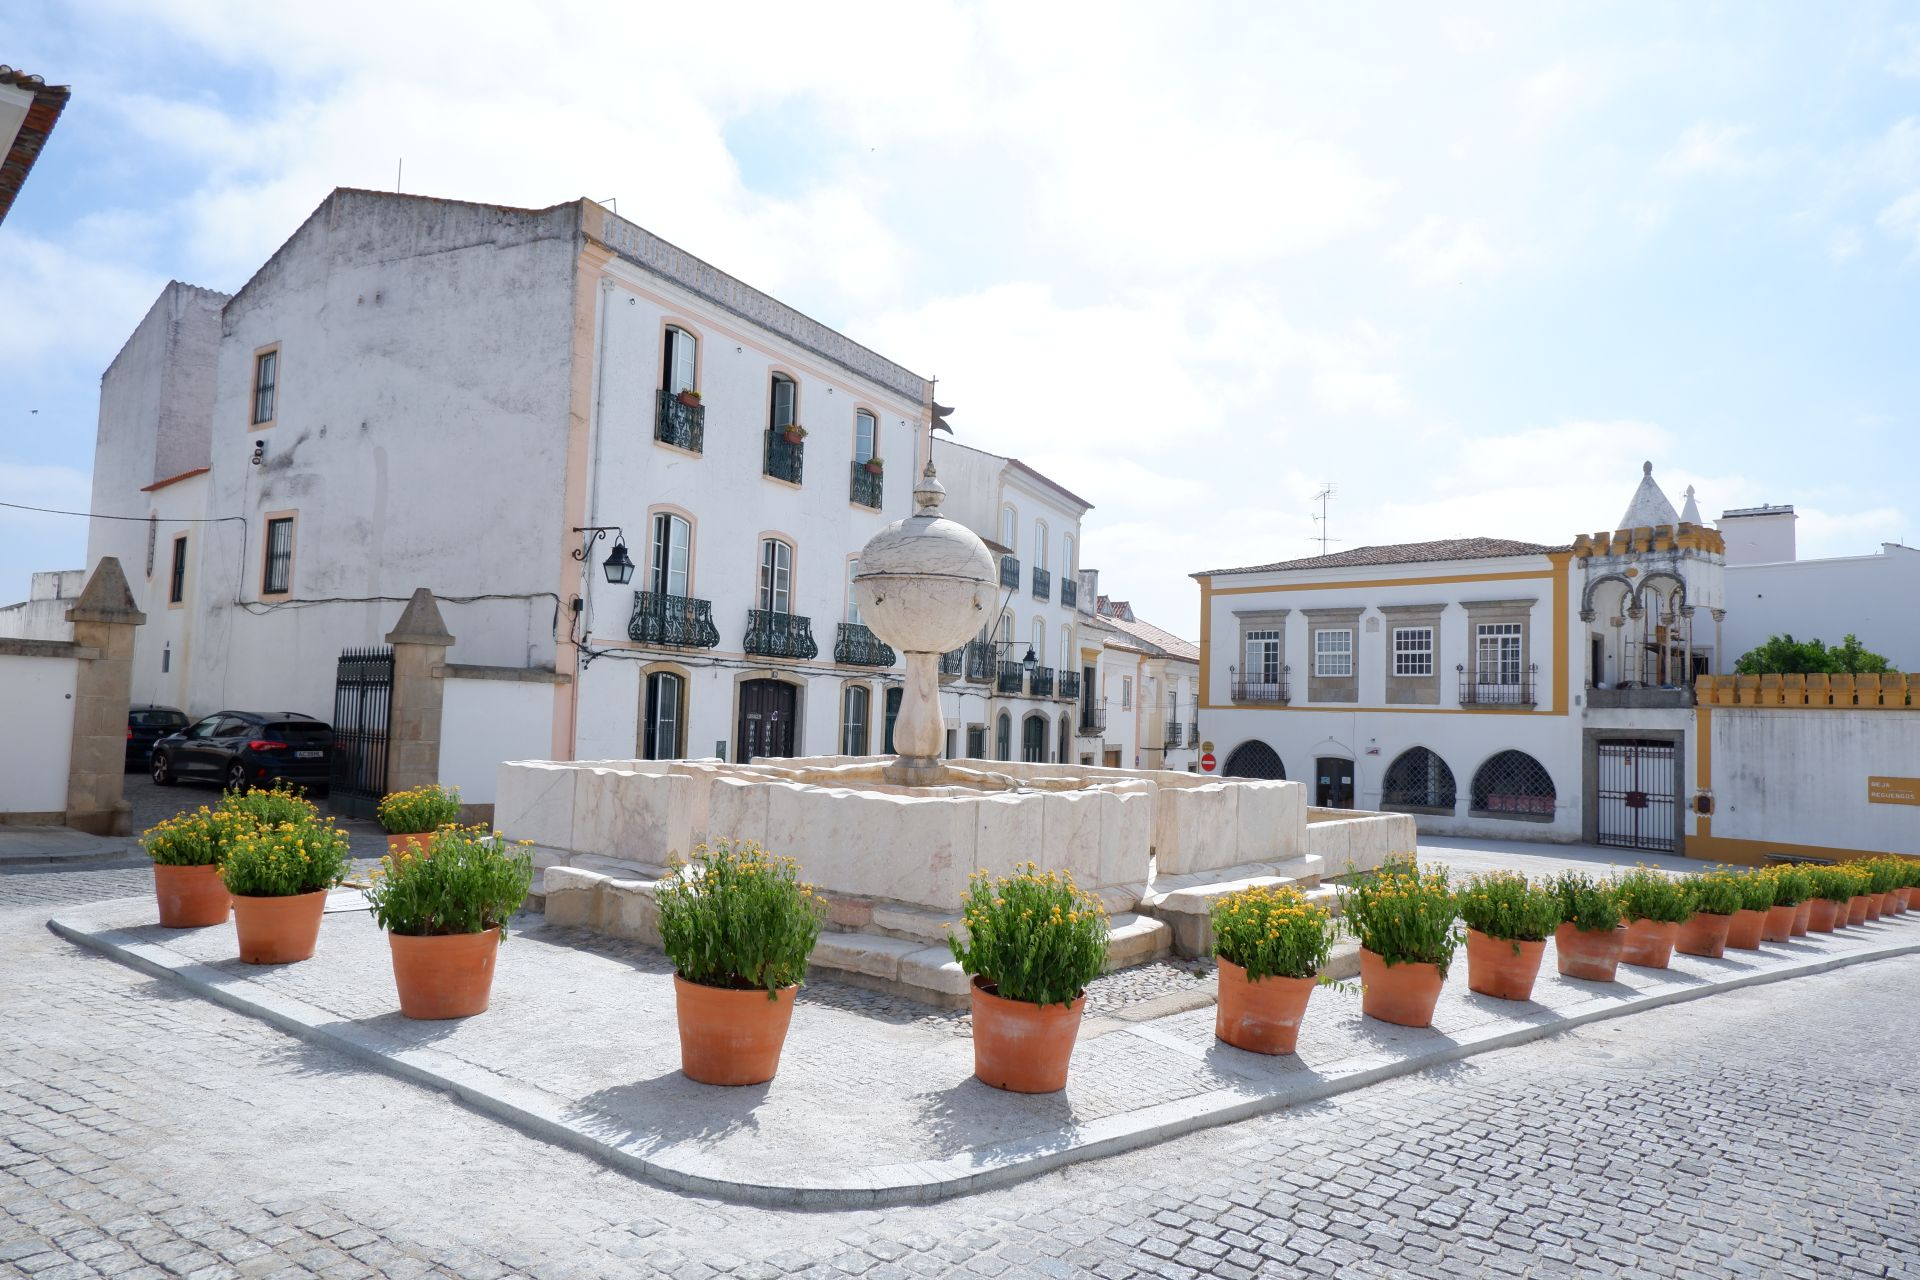 (Português) Concluída a requalificação da envolvente à Fonte das Portas de Moura